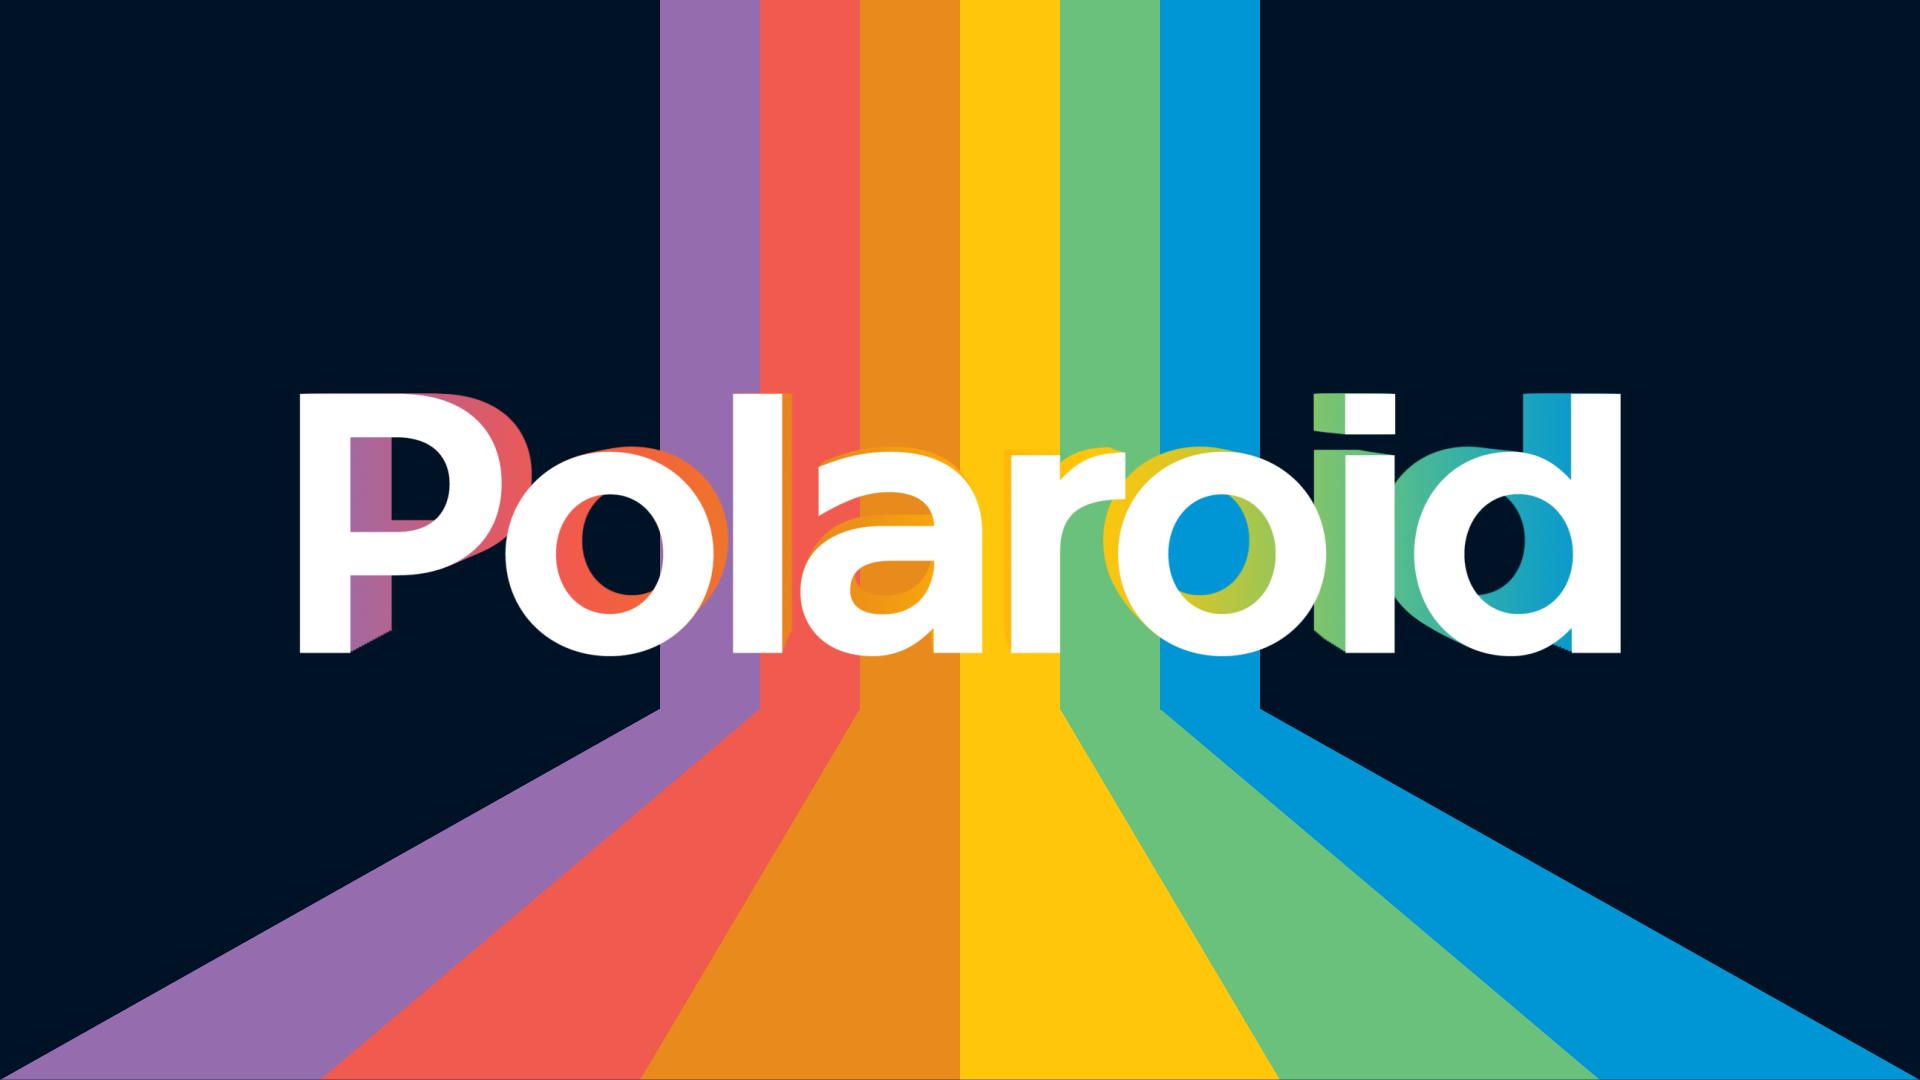 История Polaroid (статья плюс ролик) - 1